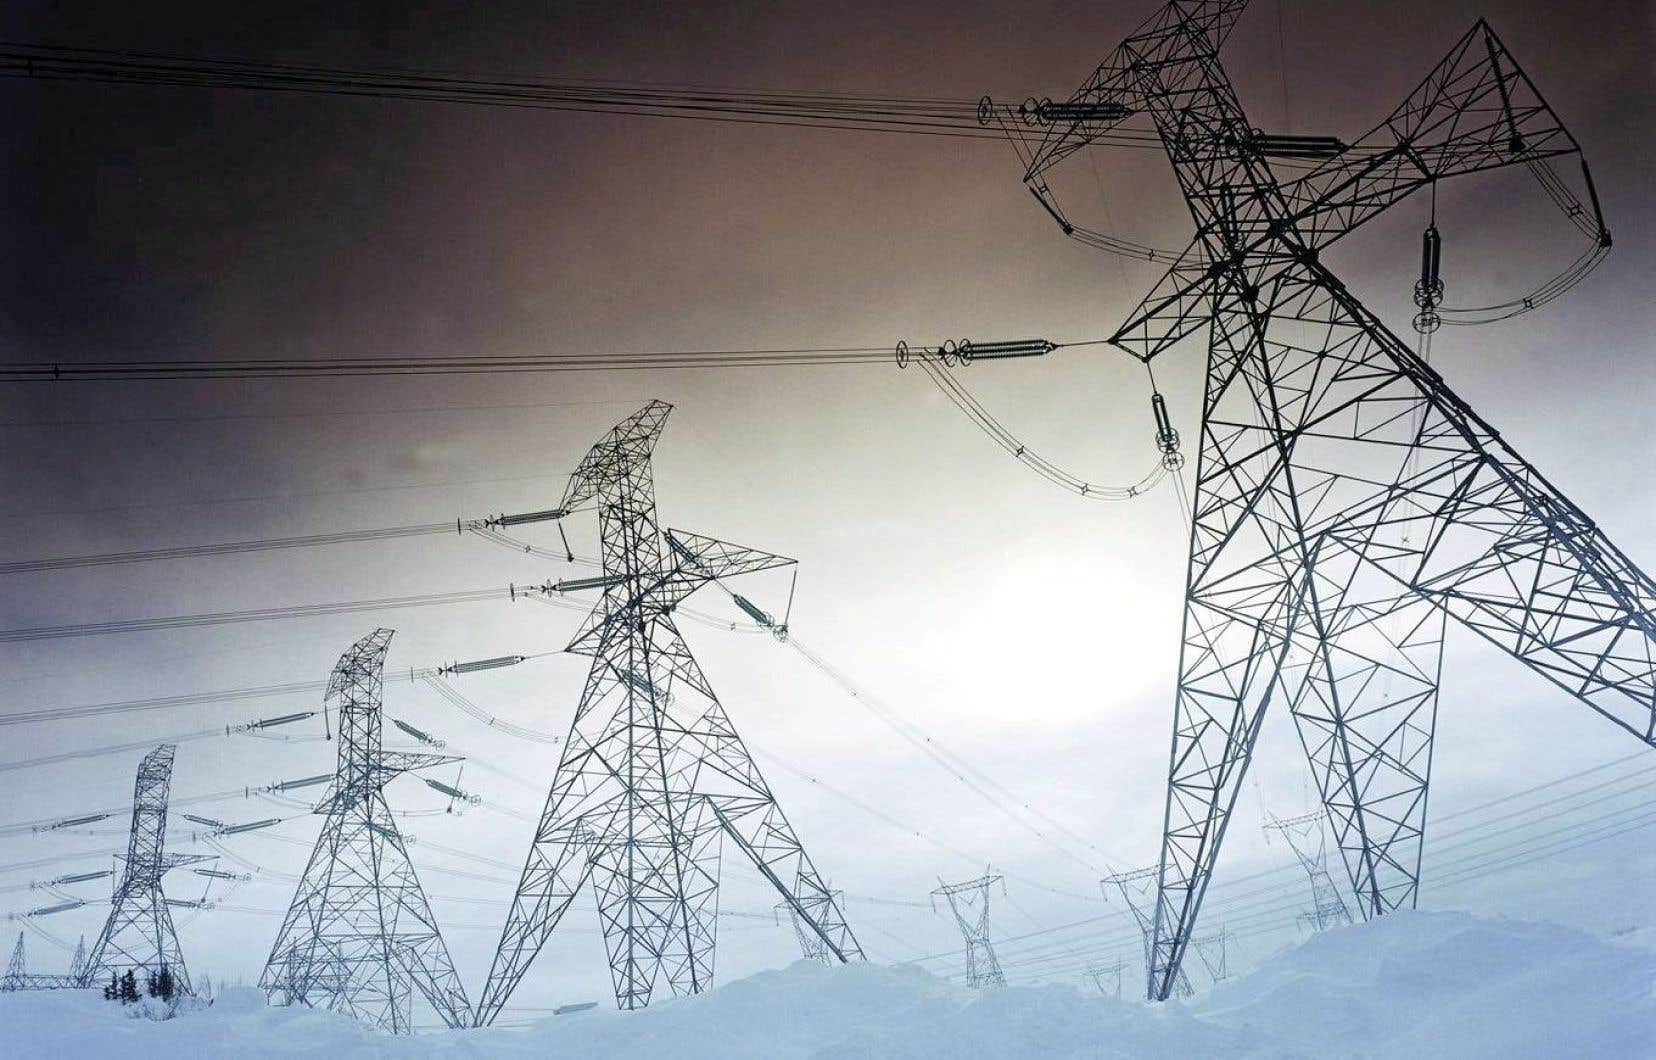 Selon le gouverneur du Vermont, l'hydroélectricité en provenance du Québec a un «rôle essentiel» à jouer dans l'approvisionnement énergétique de l'État.